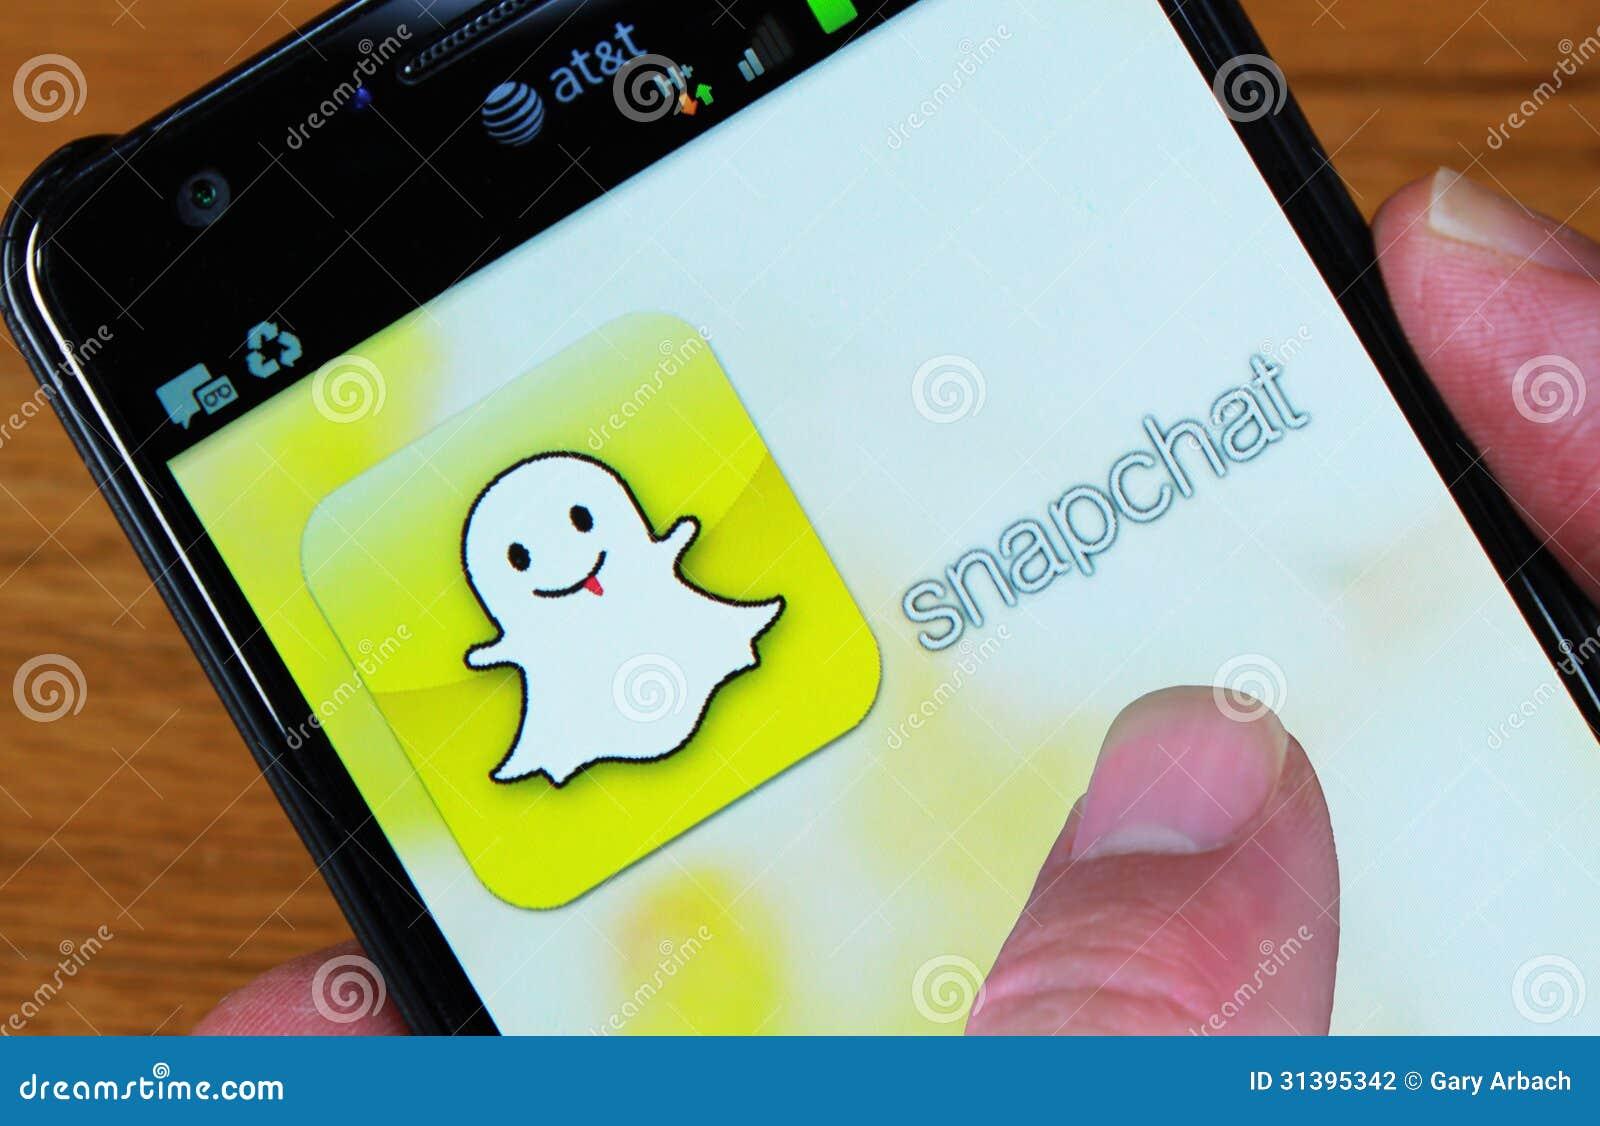 Apprenez à espionner quelqu'un sur Snapchat gratuitement en suivant ce tutoriel étape par étape. Trois façons différentes sont énumérées concernant les outils ...